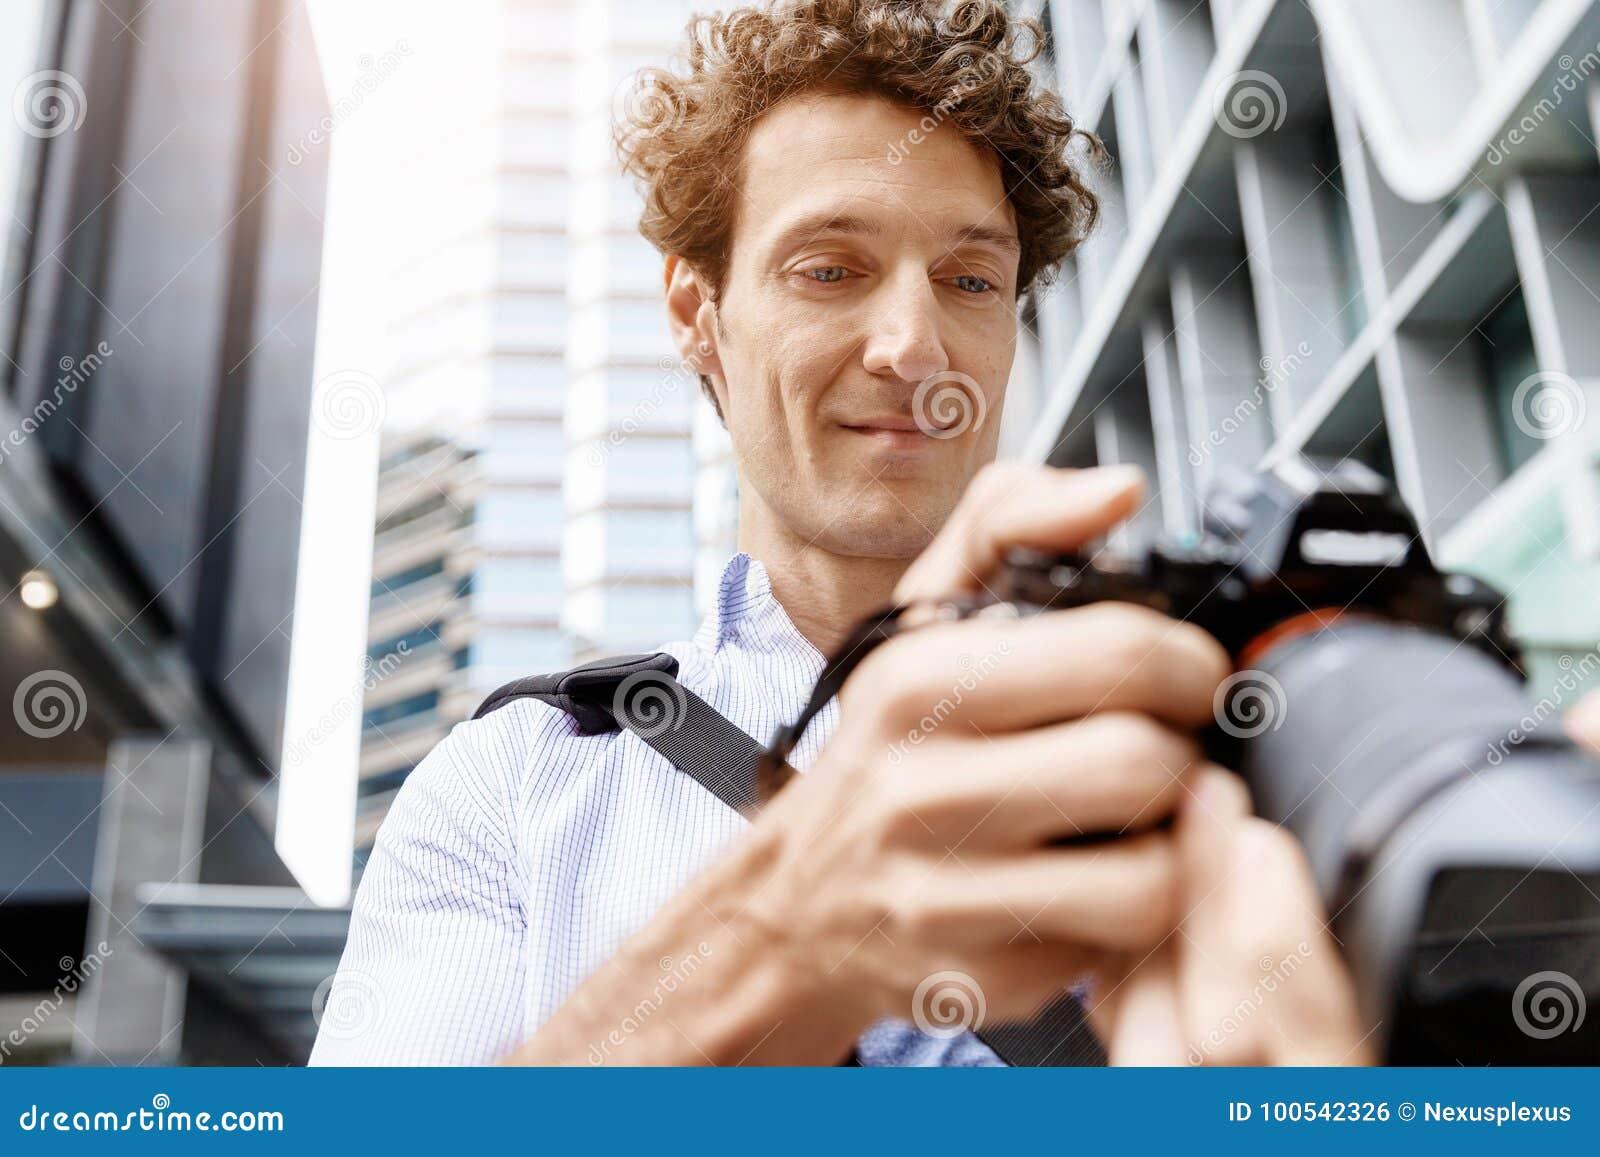 拍一部日本成人片需要几个摄影师在场_图片 包括有 人员, 采取, 英俊, 成人, 人们, 旅行家, 夏天, 技术